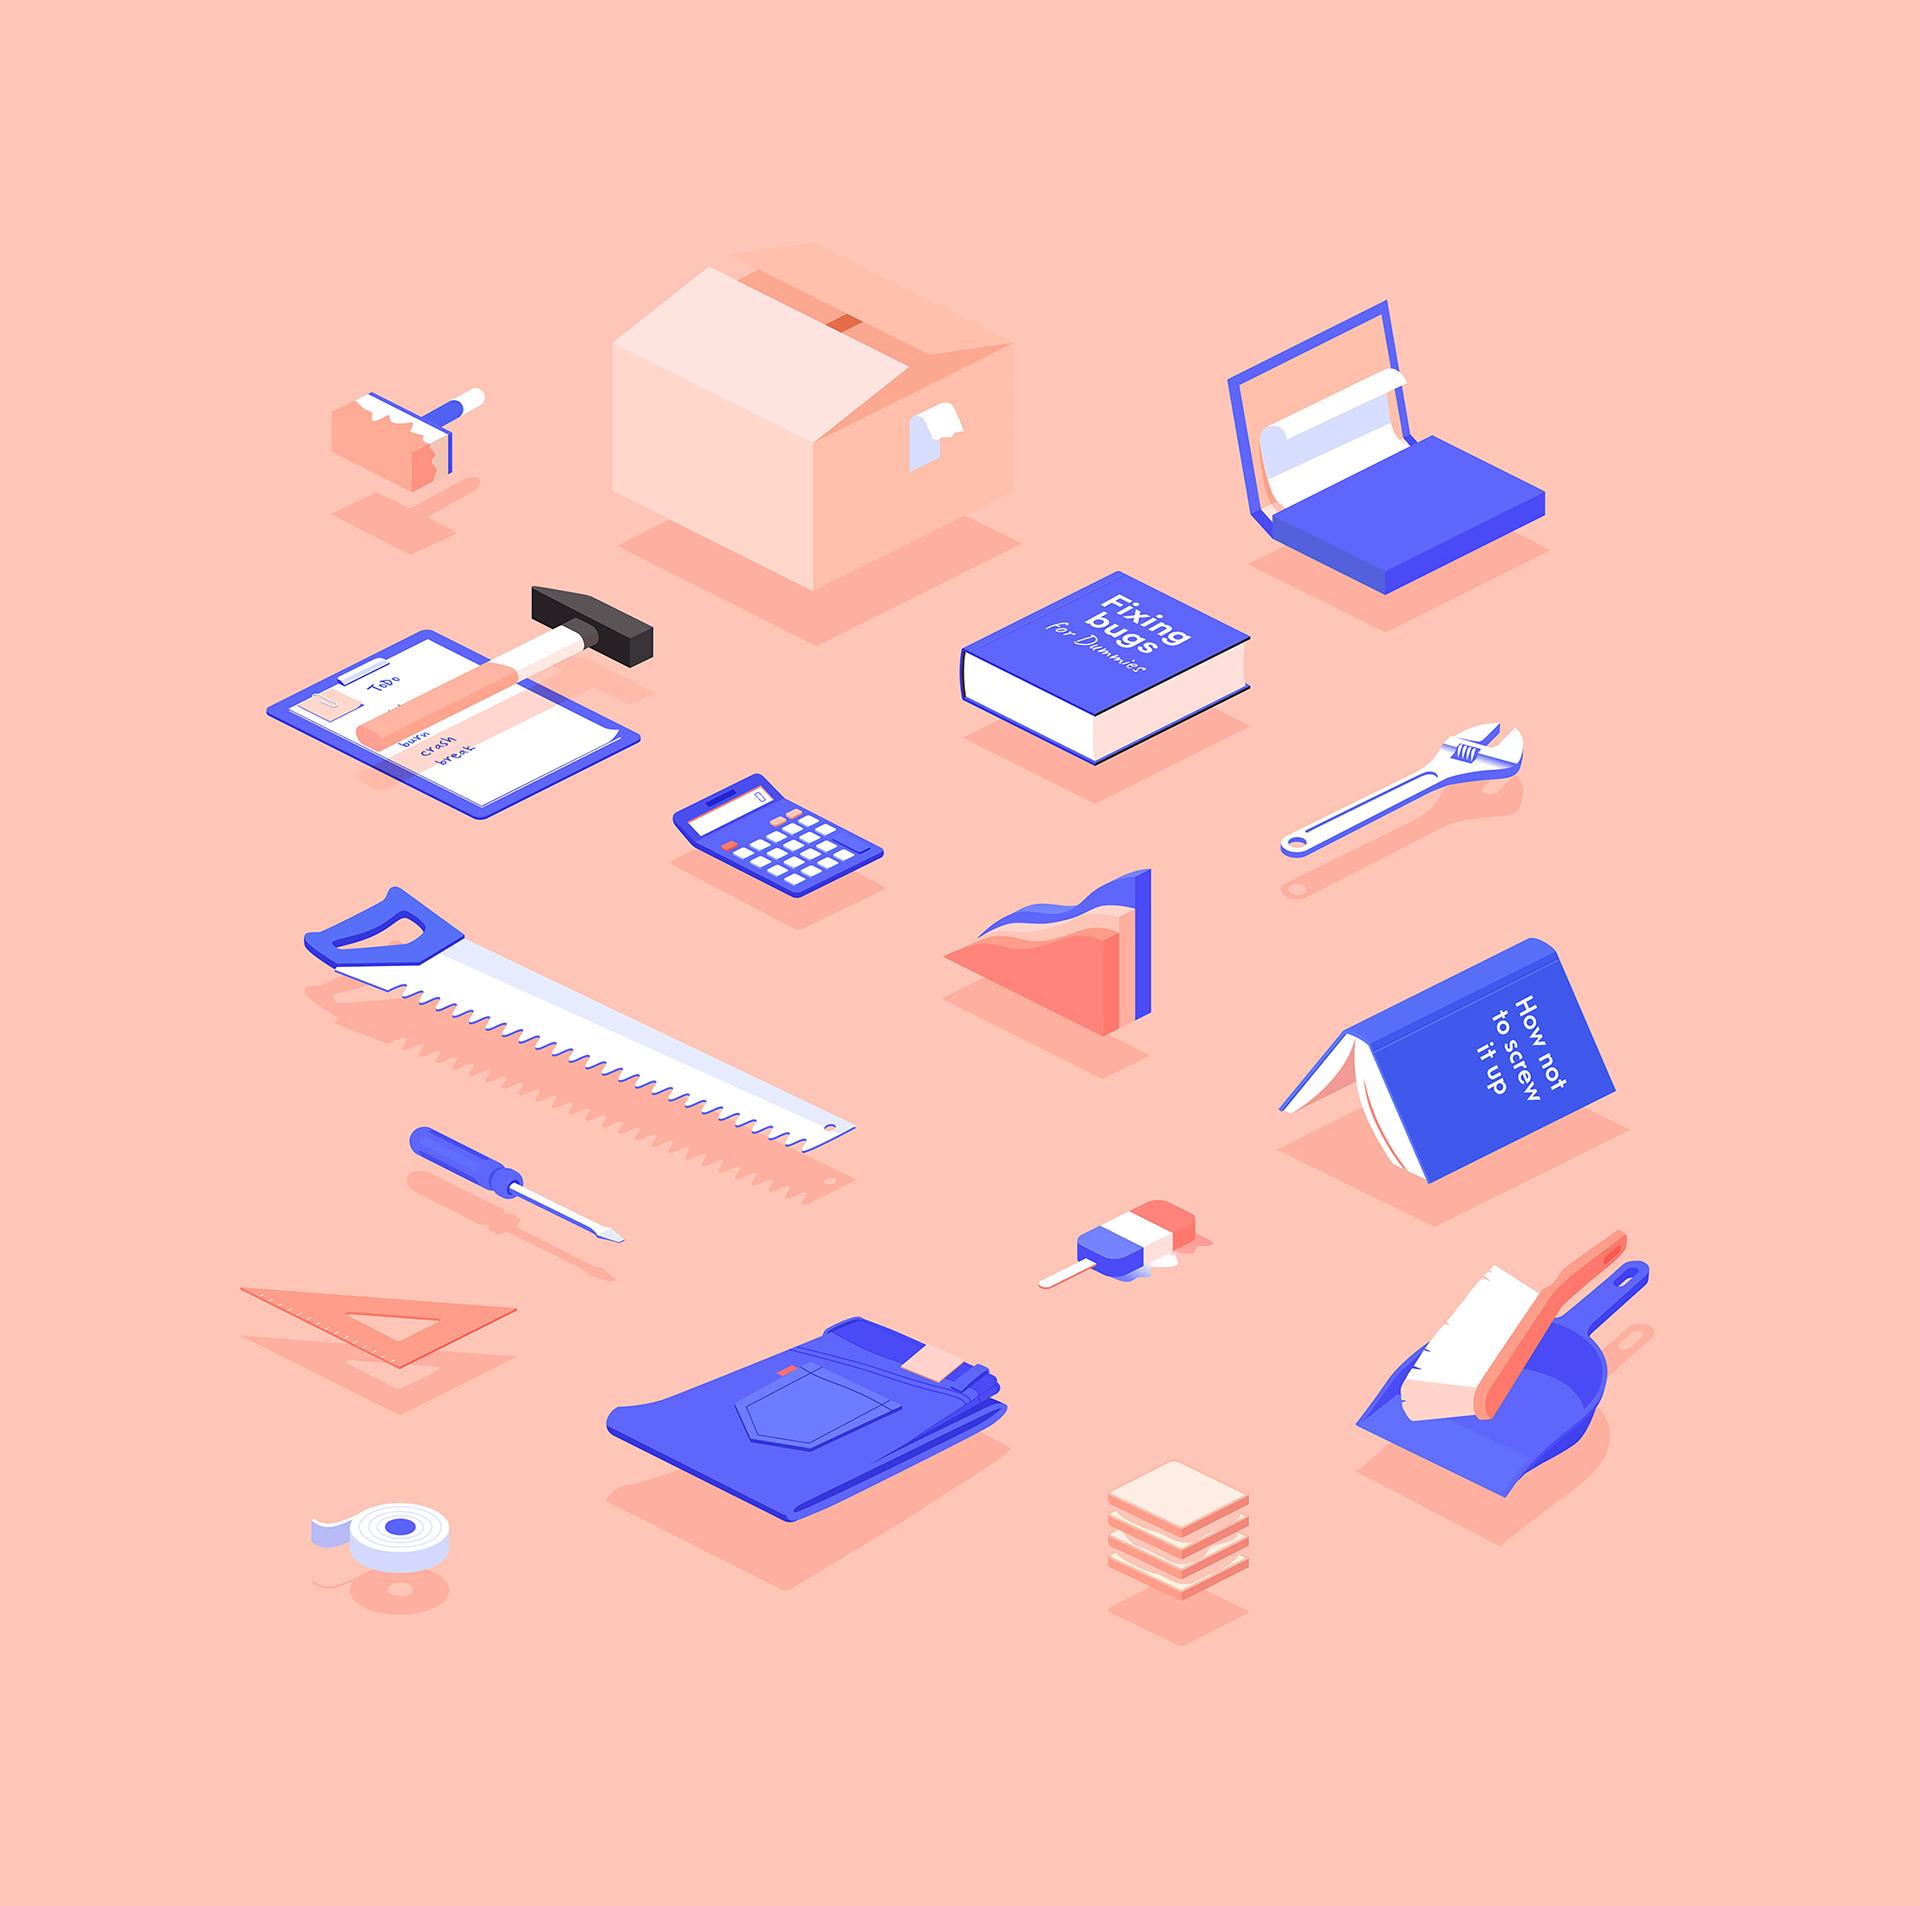 Graphic Design,Illustration,UI/UX